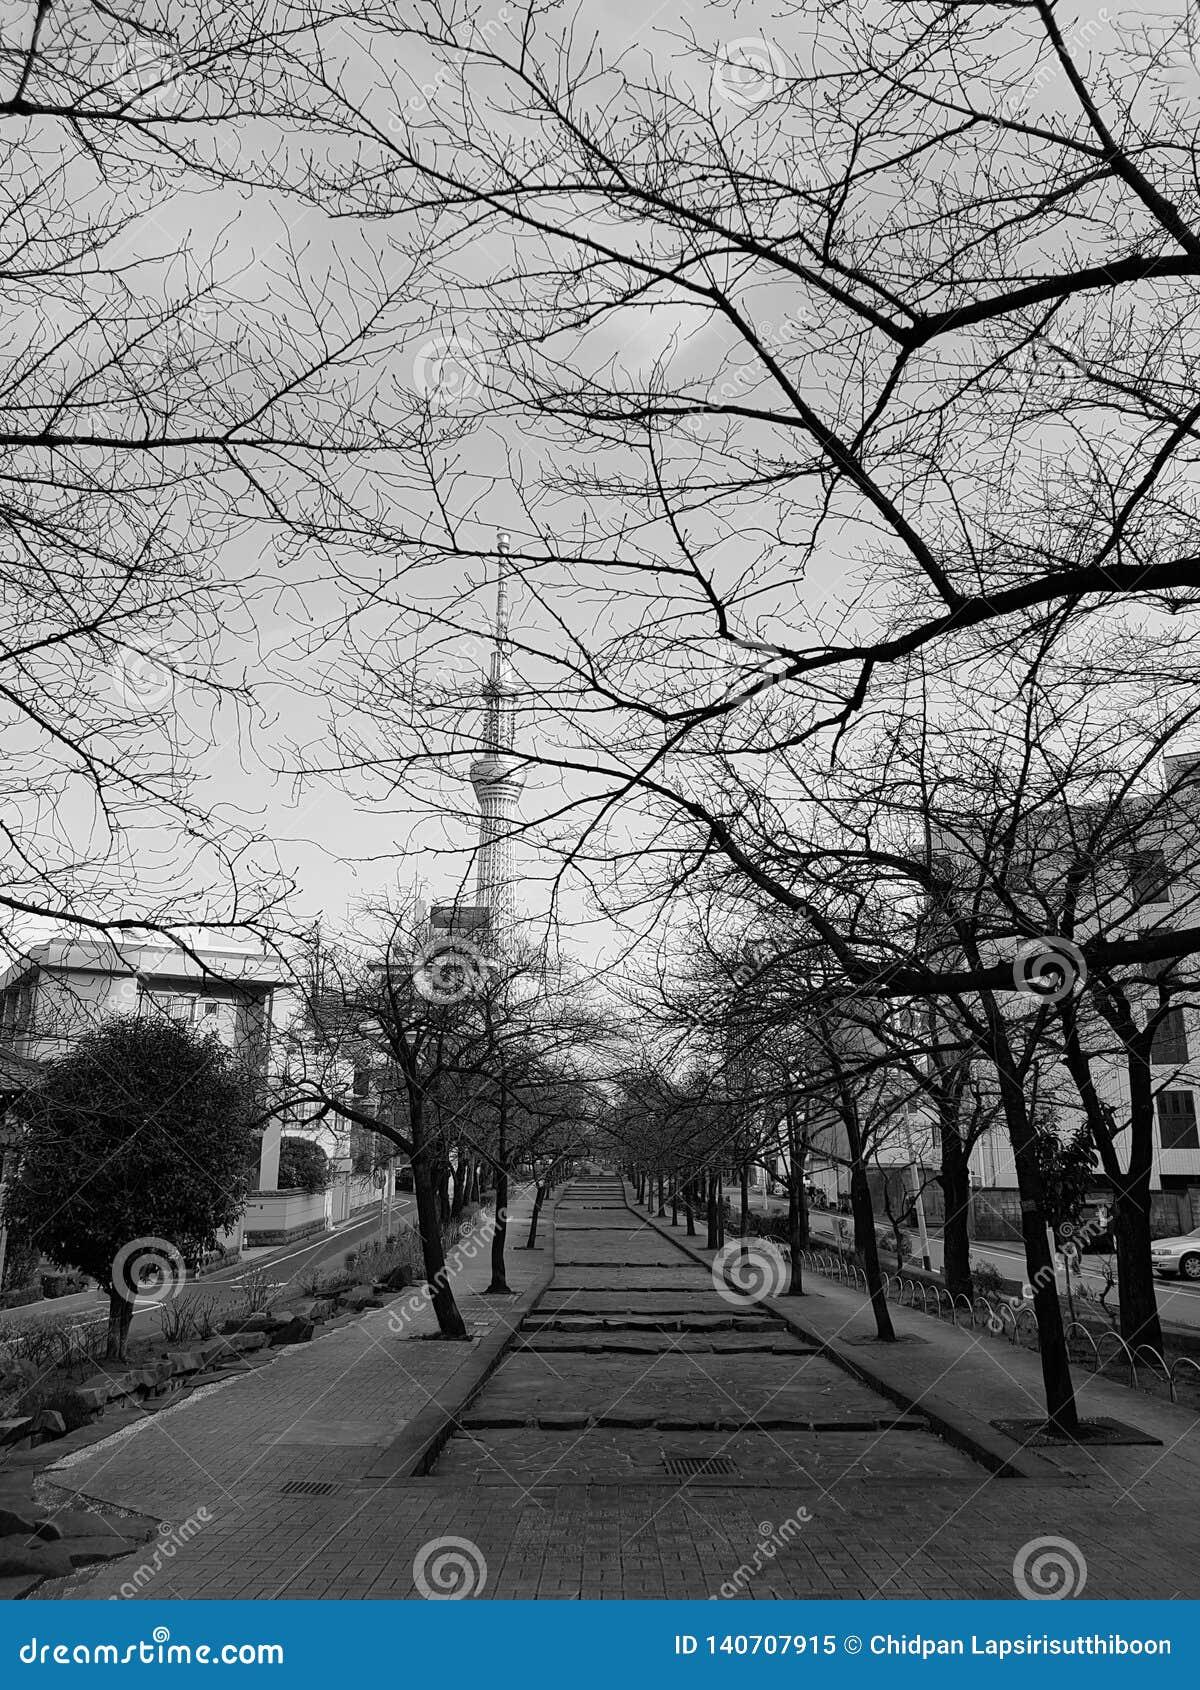 Os parques no outono lá são uma árvore sem folhas E pode ver a construção da árvore do céu do Tóquio em japão preto e branco